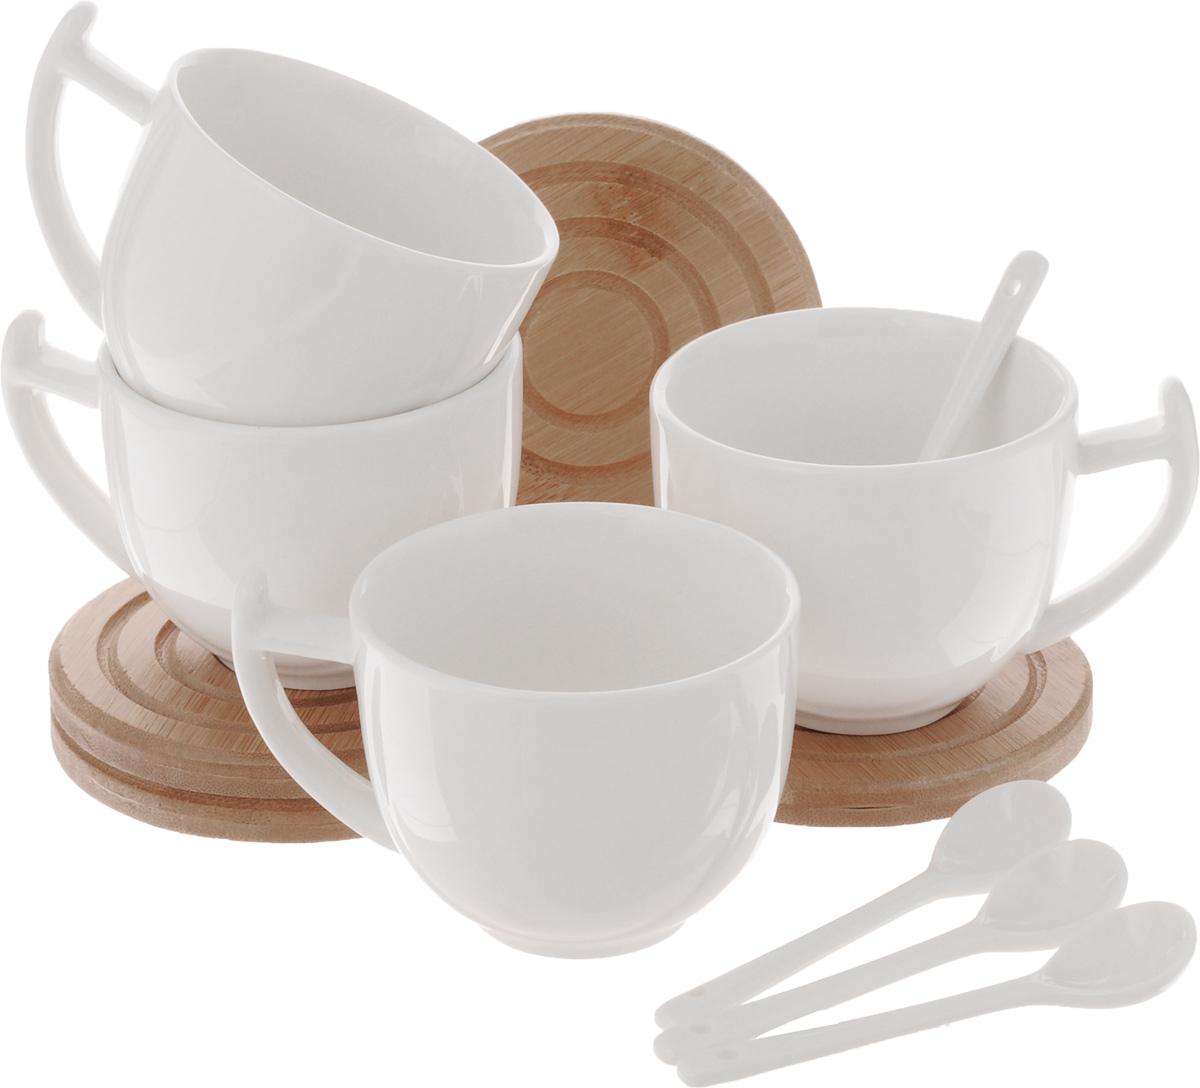 Набор чайный EcoWoo, 12 предметов2012244UНабор чайный EcoWoo - это не только идеальный подарок, но ипрекрасный повод побаловать себя! Набор состоит из 4 фарфоровых чашек, 4 бамбуковых подставок и 4 ложек. Такой набор станет идеальным решением для ценителей экологичных деталей винтерьере ипоклонников здорового образа жизни. Не использовать в посудомоечной машине. Объем кружки: 300 мл. Диаметр кружки (по верхнему краю): 8 см. Высота кружки: 6,5 см. Диаметр подставки: 10 см. Длина ложки: 10,5 см.